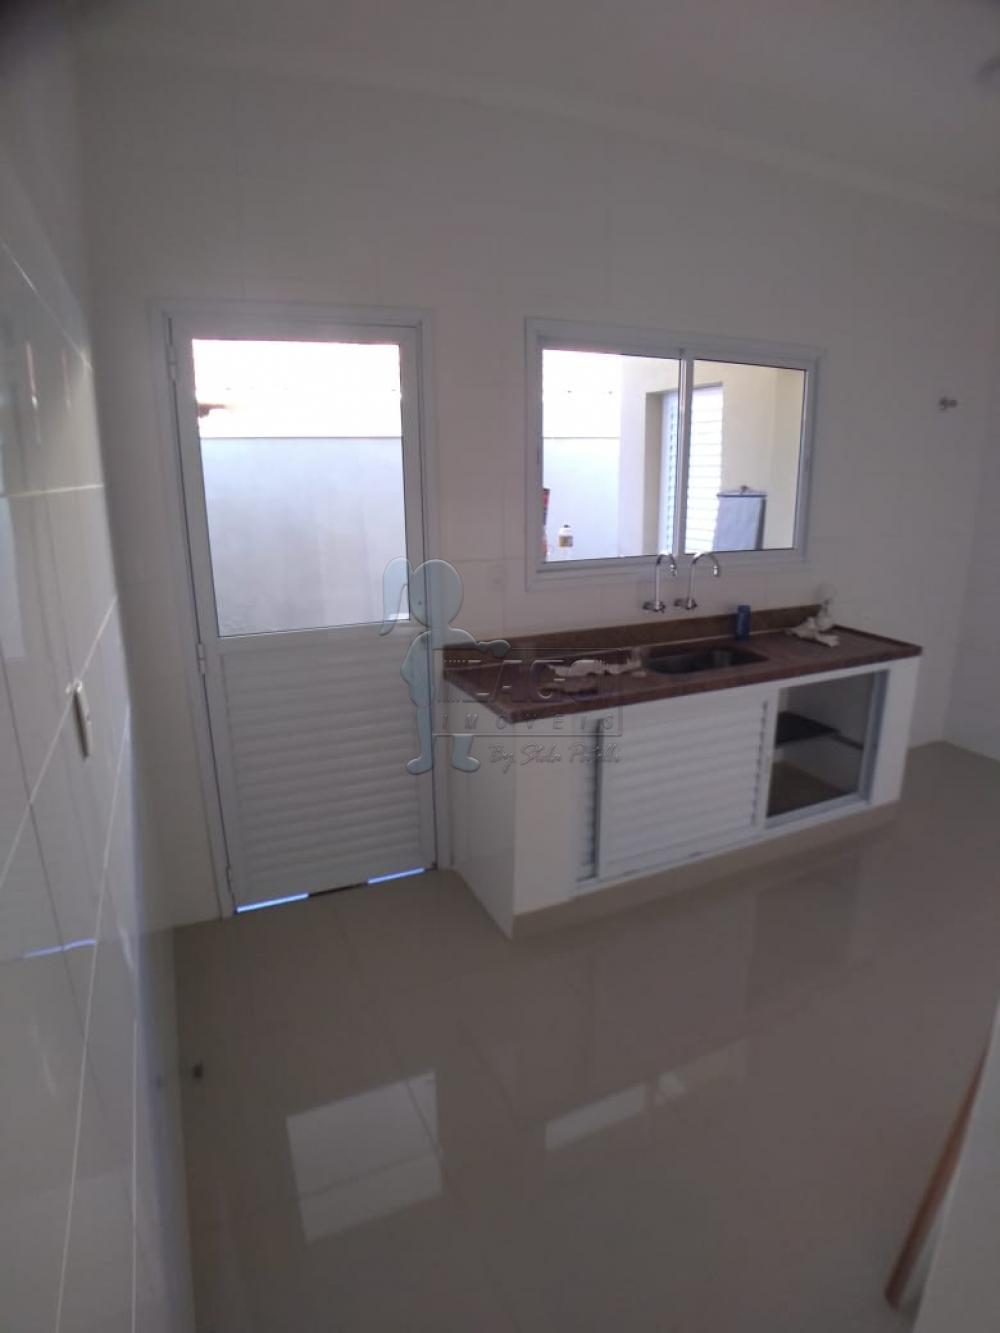 Alugar Casas / Padrão em Ribeirão Preto apenas R$ 1.200,00 - Foto 12